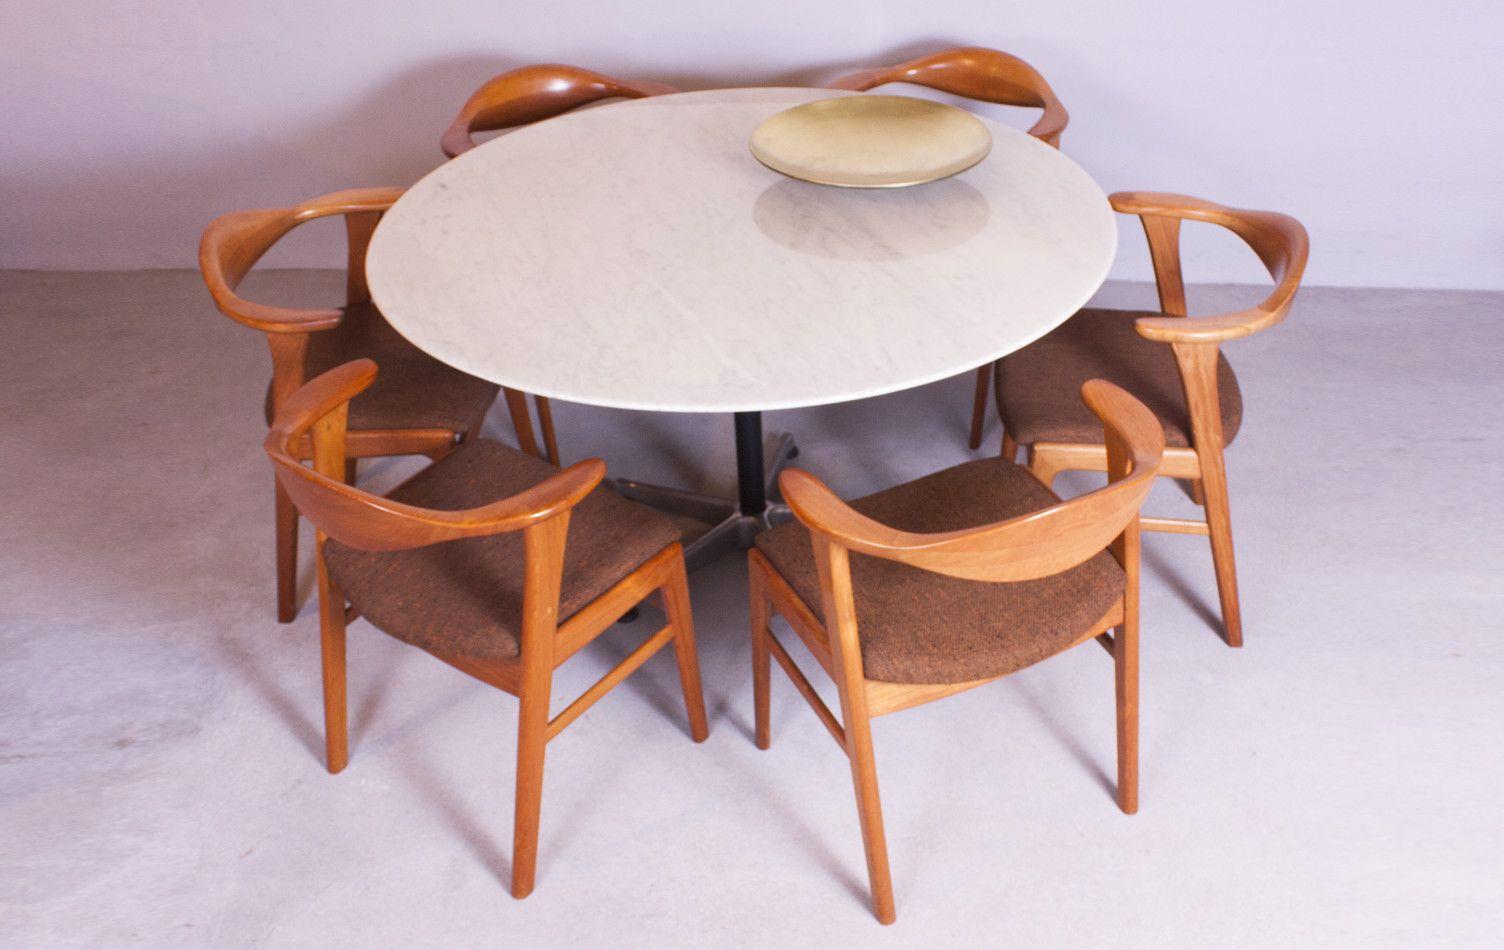 Marmor Esstisch ~ Marmor Esstisch von Drabert Stahlmöbel bei Pamono kaufen